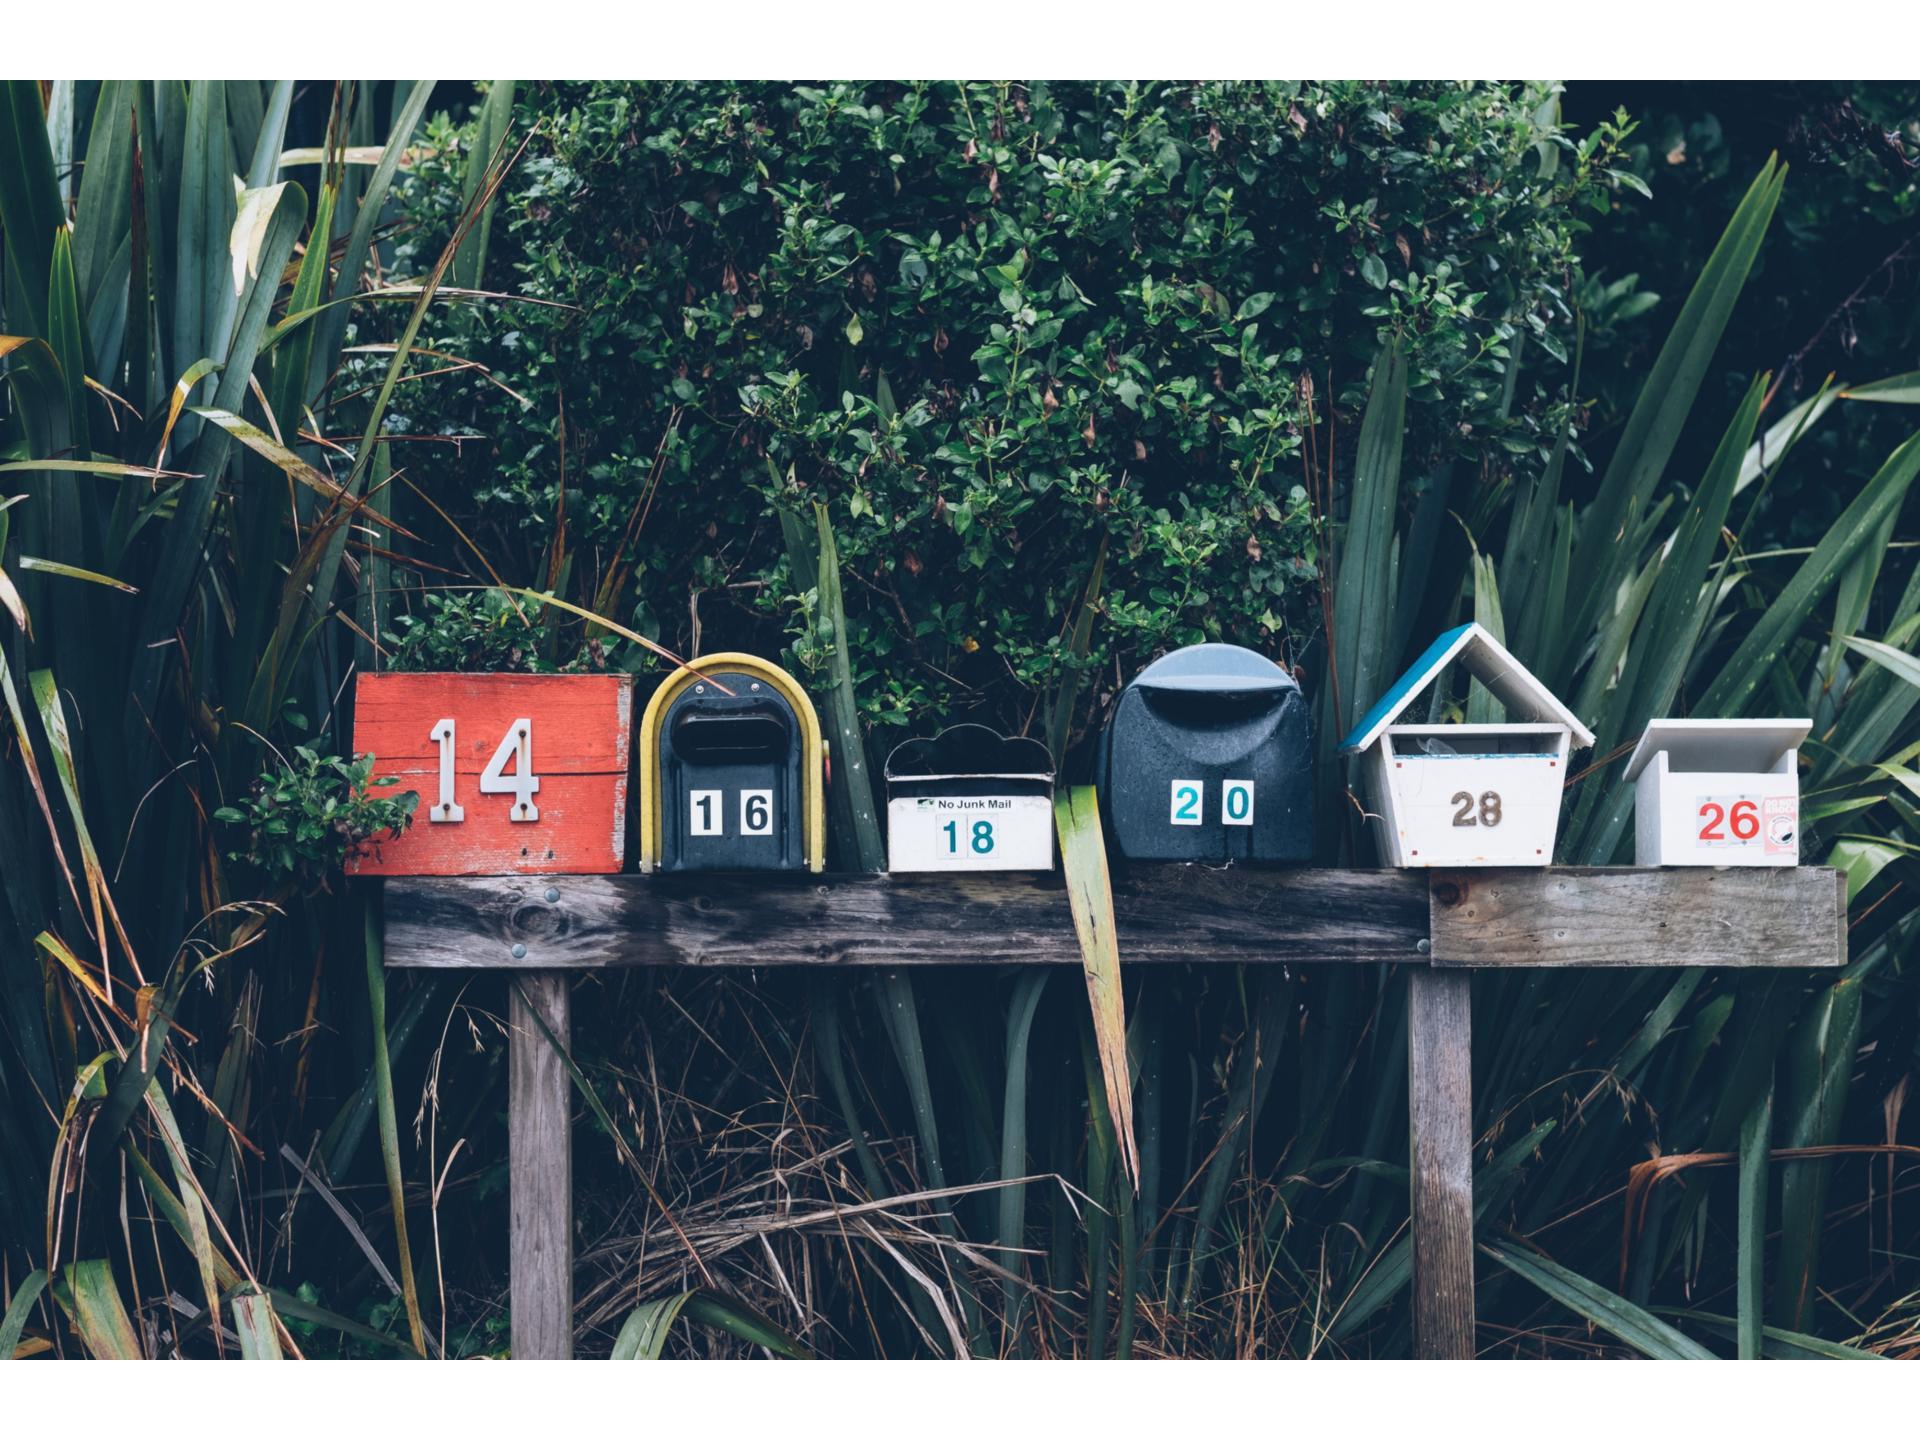 Briefkästen (c) www.pixabay.com